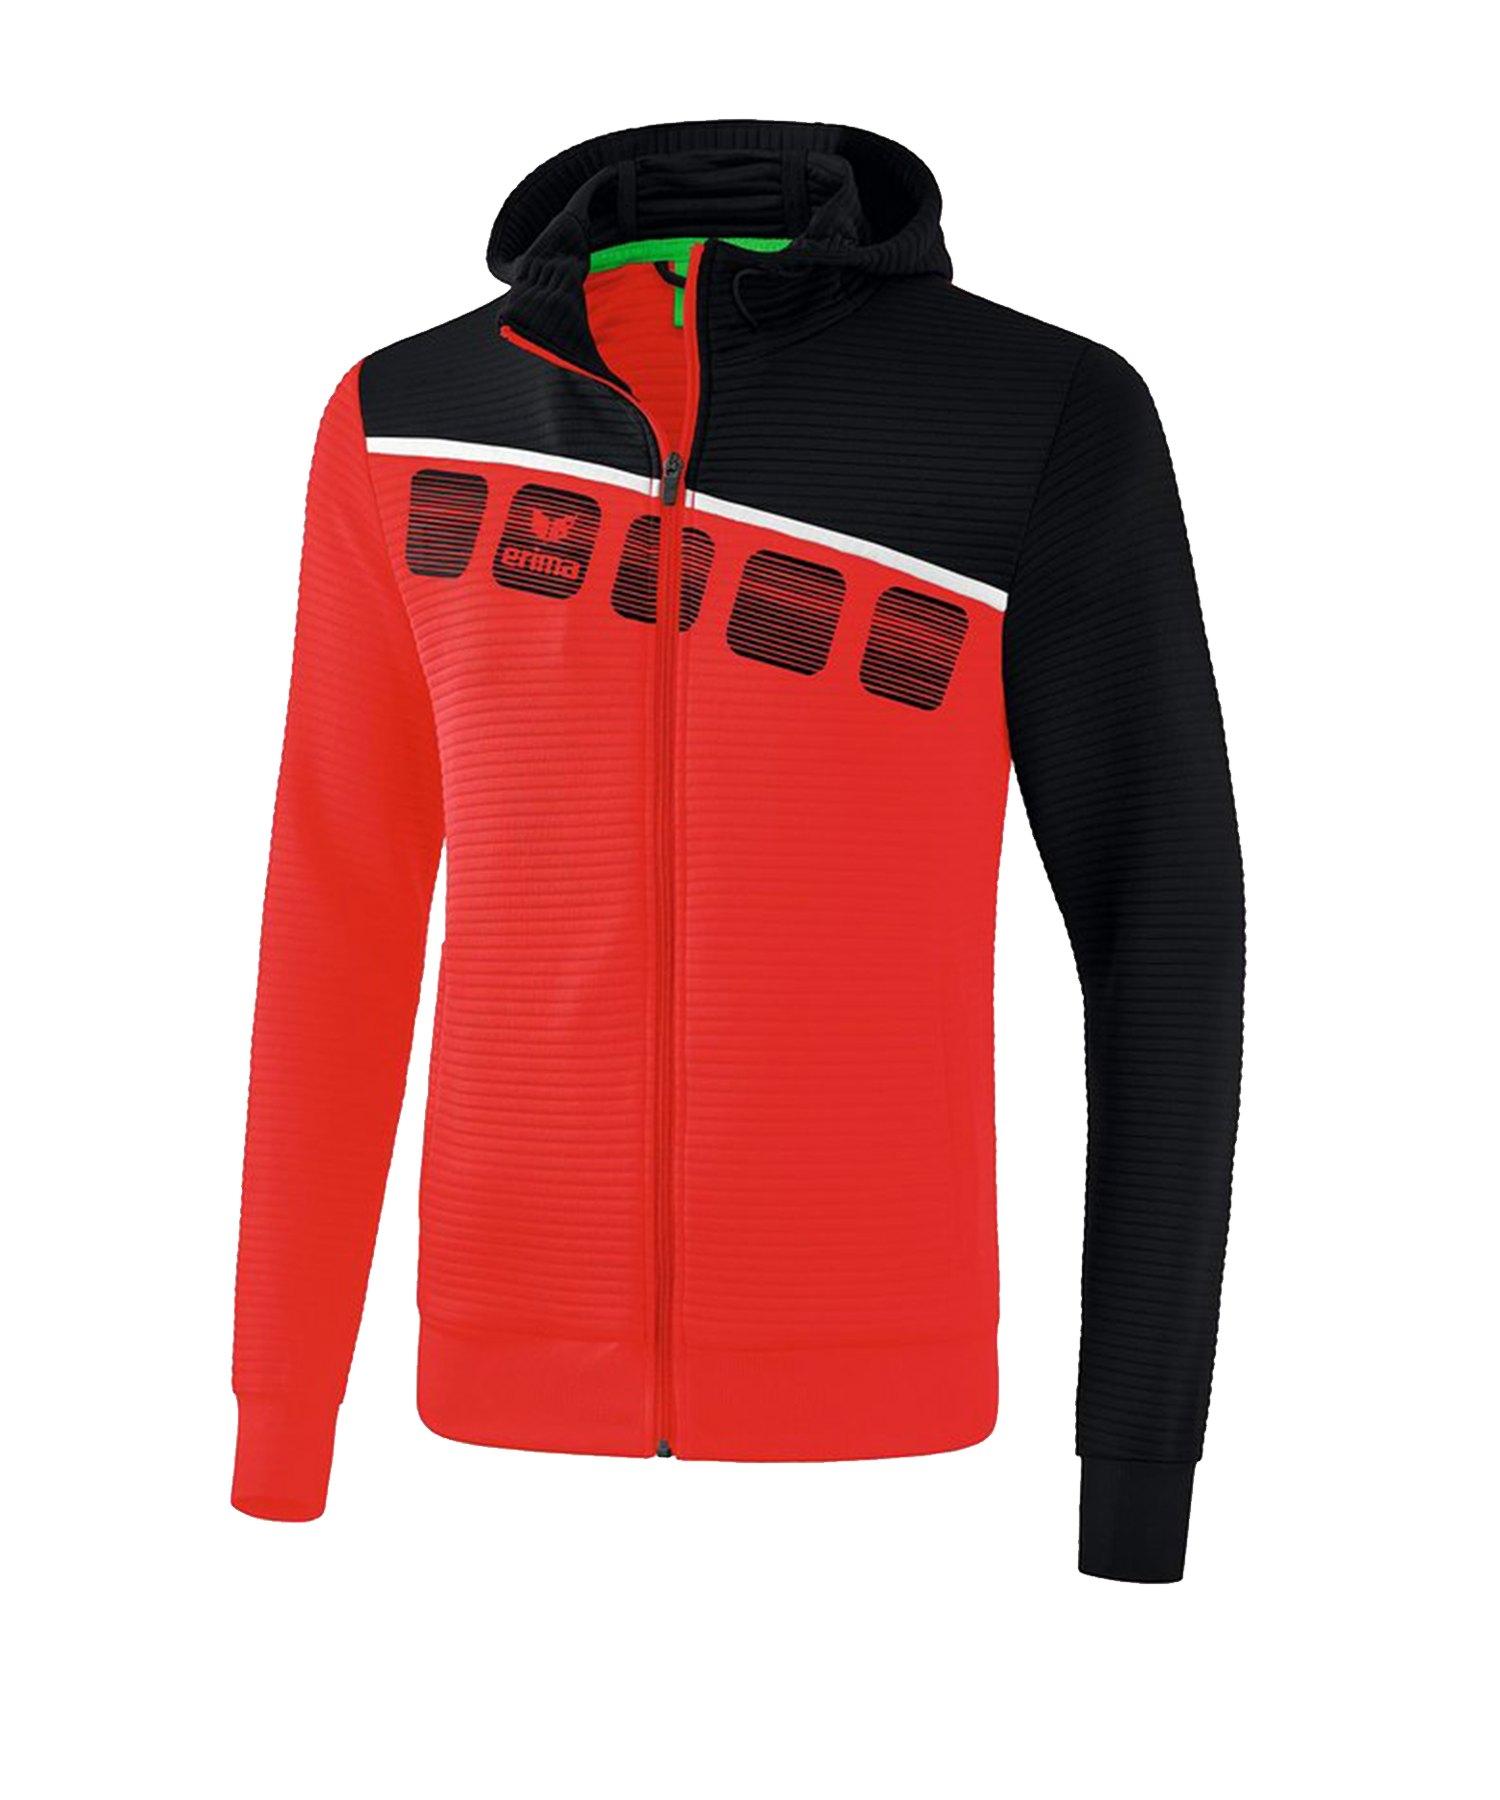 Erima 5-C Trainingsjacke mit Kapuze Rot Schwarz - Rot